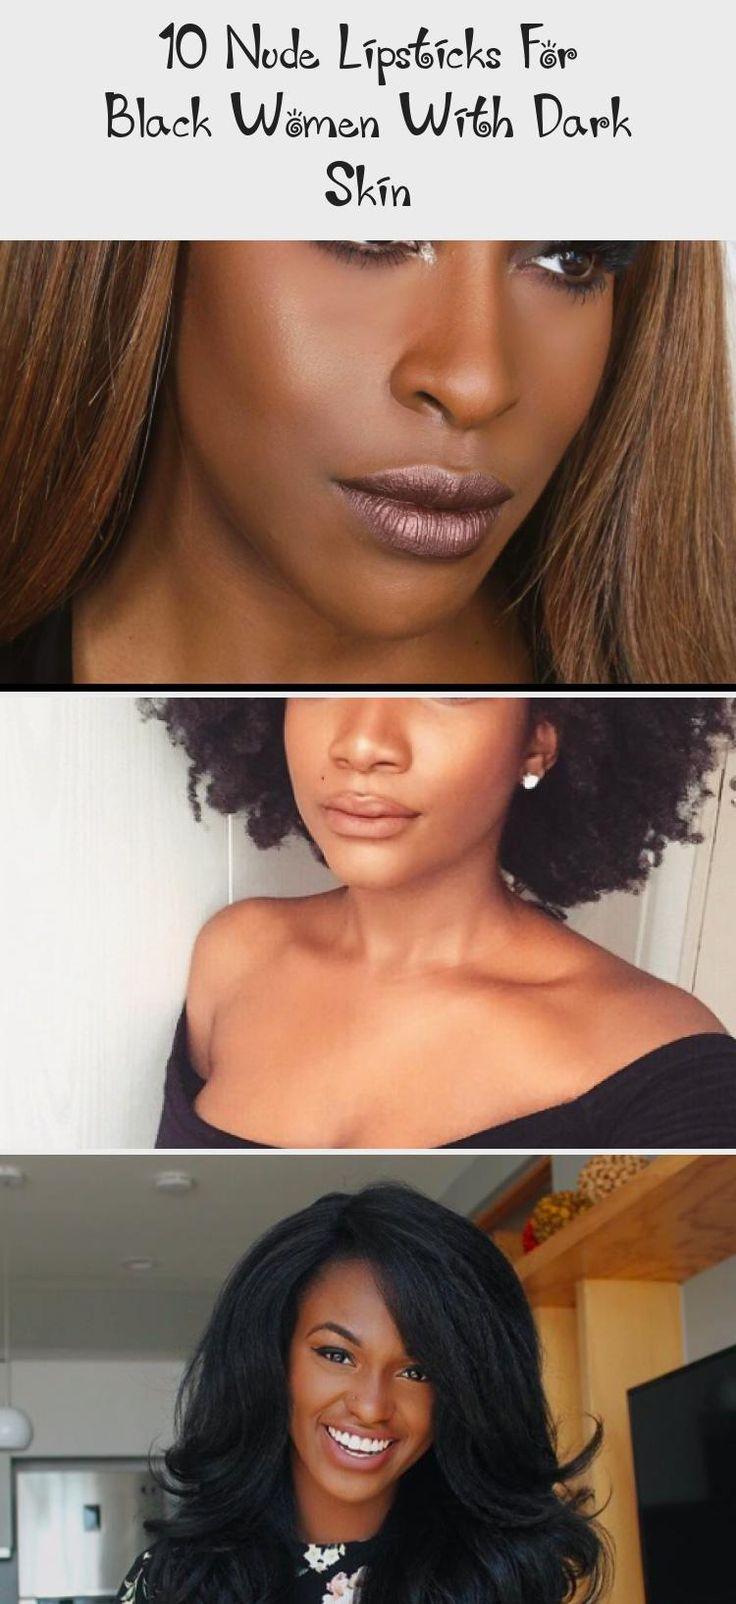 10 Nude Lipsticks for Black Women with Dark Skin - BGLH